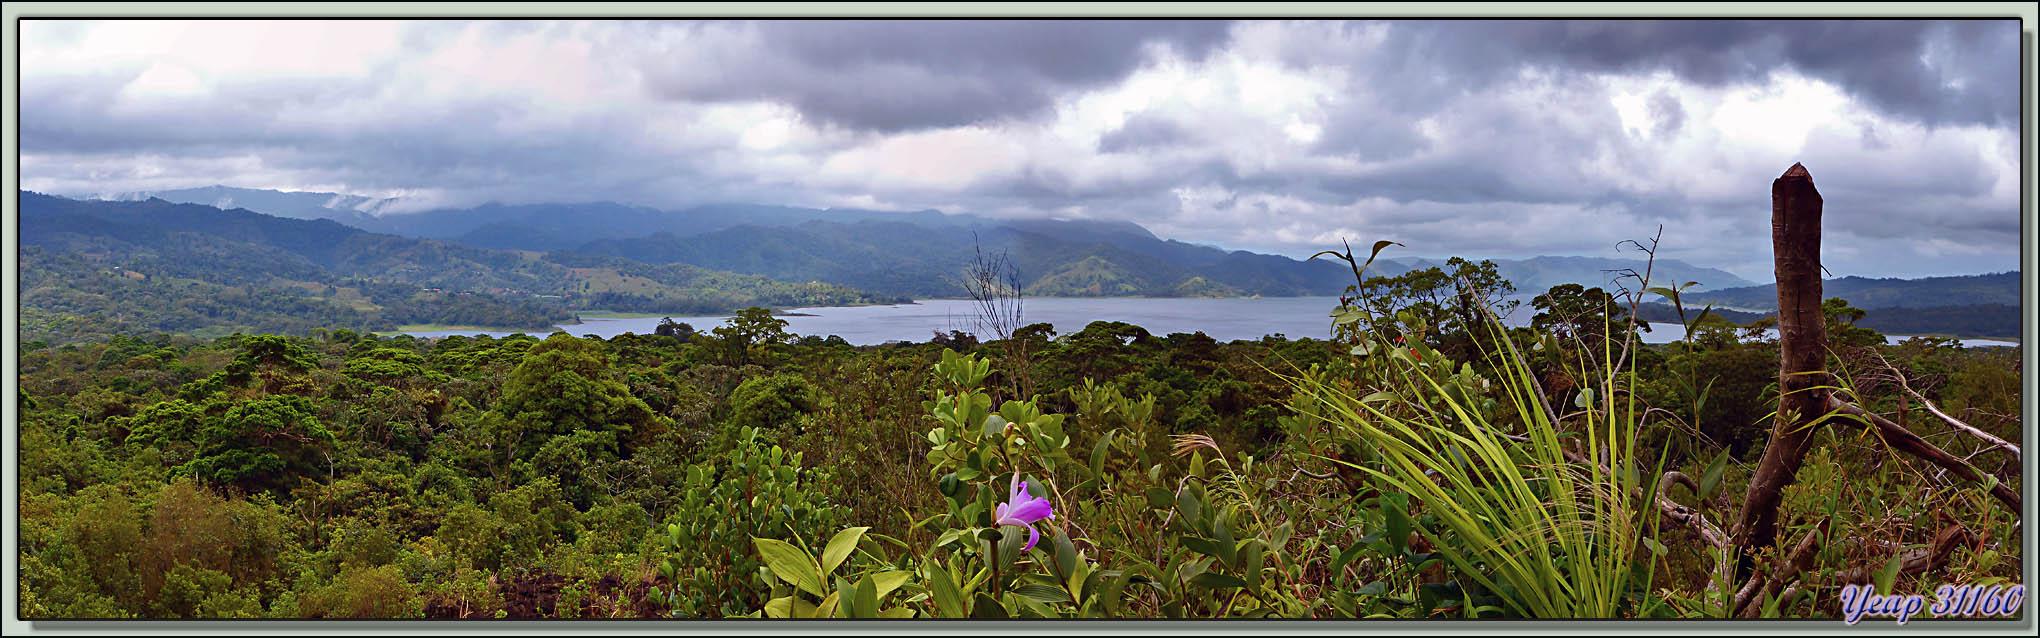 Panorama sur le Lac Arenal vu des pentes du volcan du même nom - Costa Rica